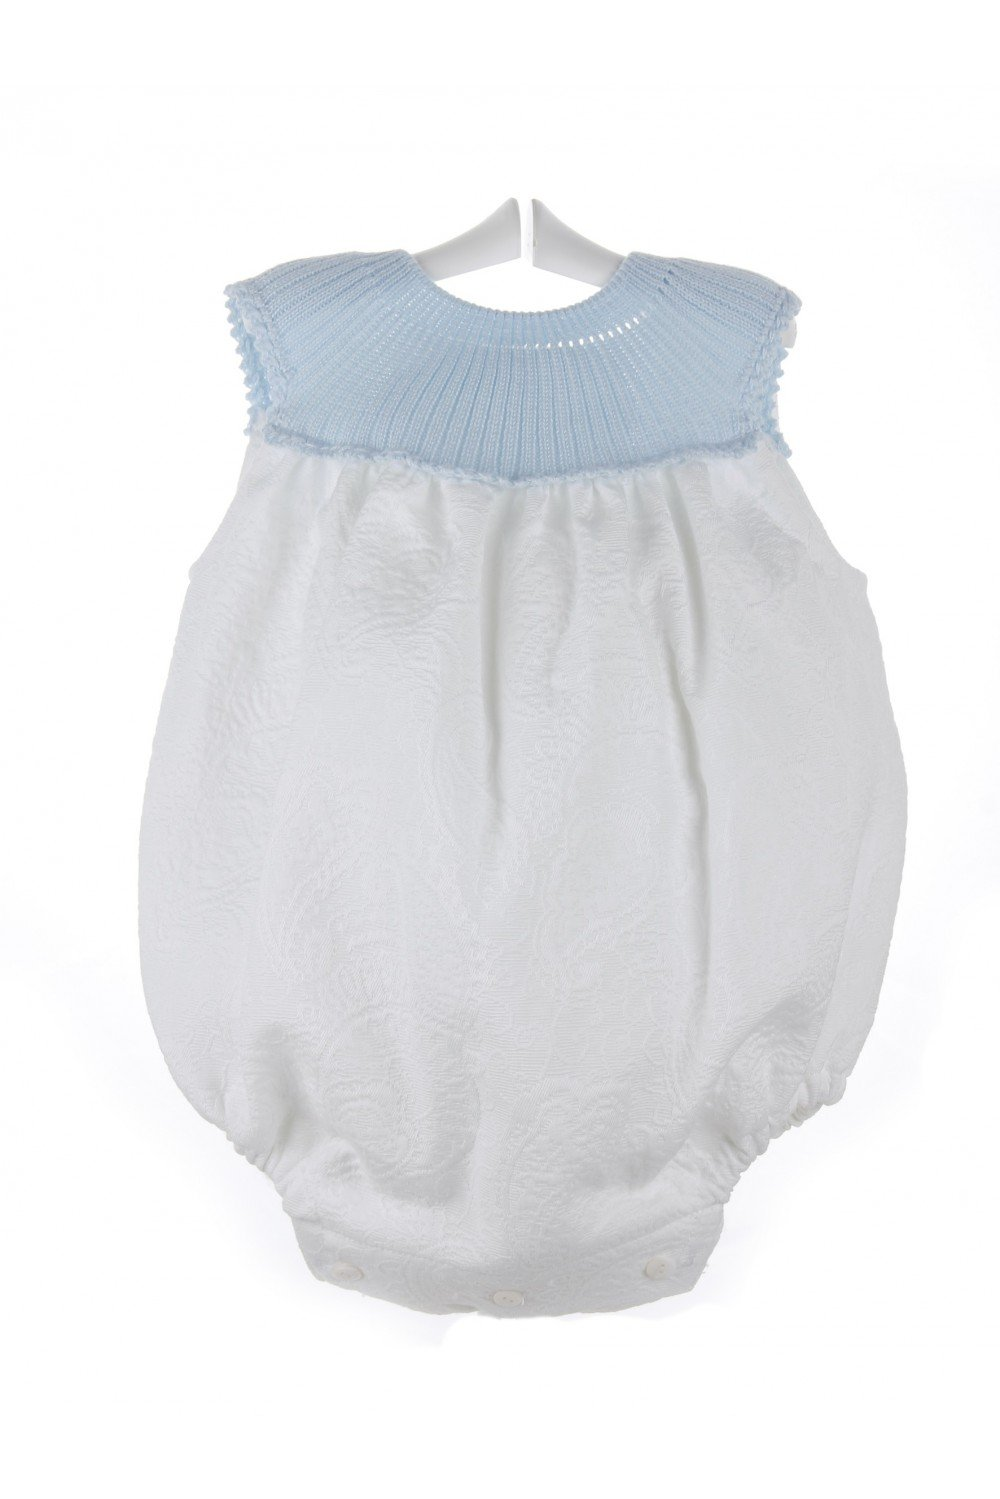 Isabel Maria - Ranita para bebé de piqué brocado - 3 meses, Celeste y blanco: Amazon.es: Bebé